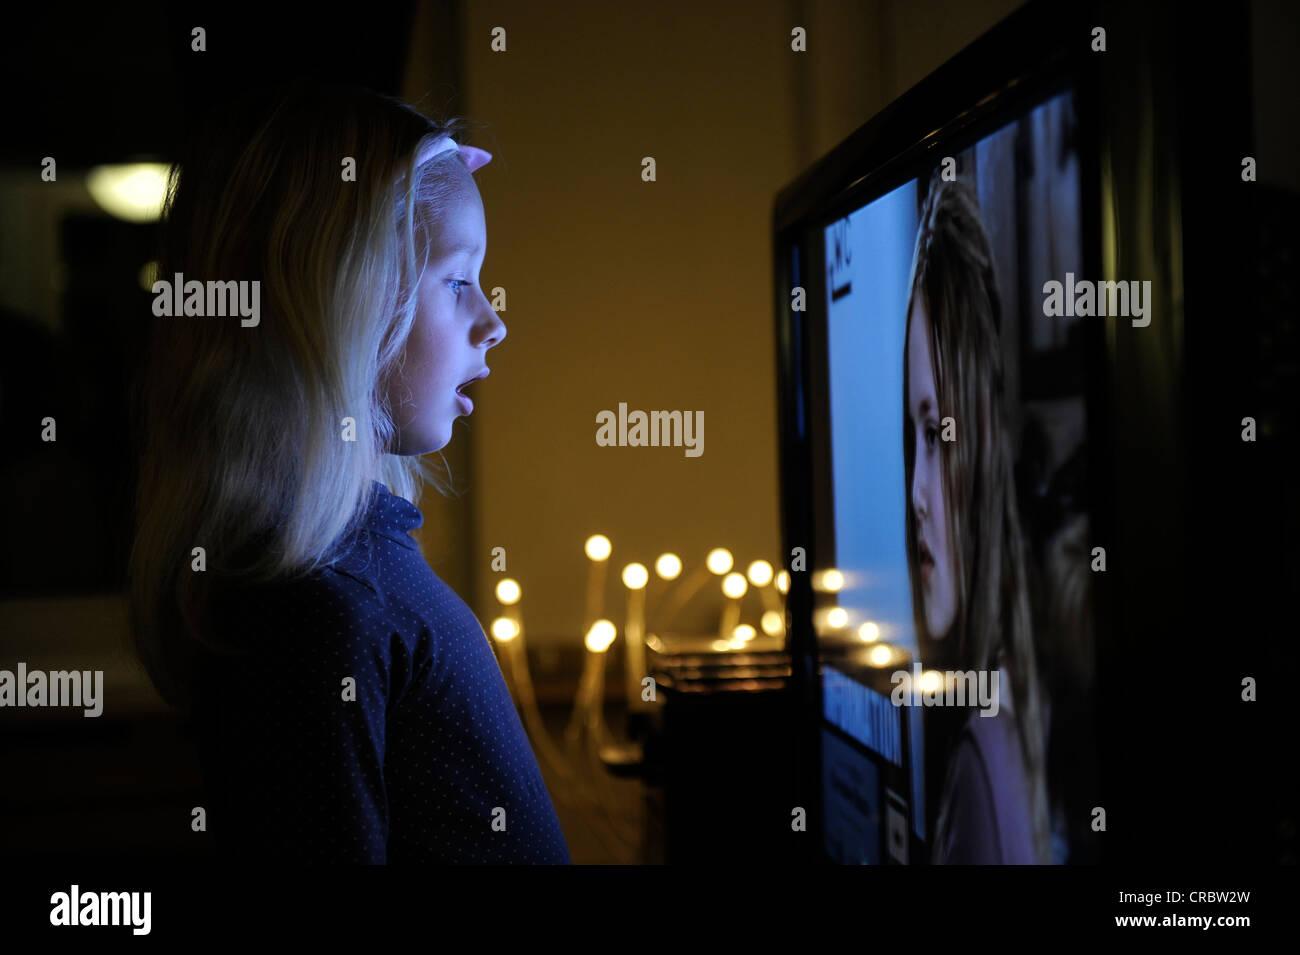 Katze Vor Dem Fernseher Bild: Kleines Mädchen, 6 Stehen Staunend Vor Dem Fernseher